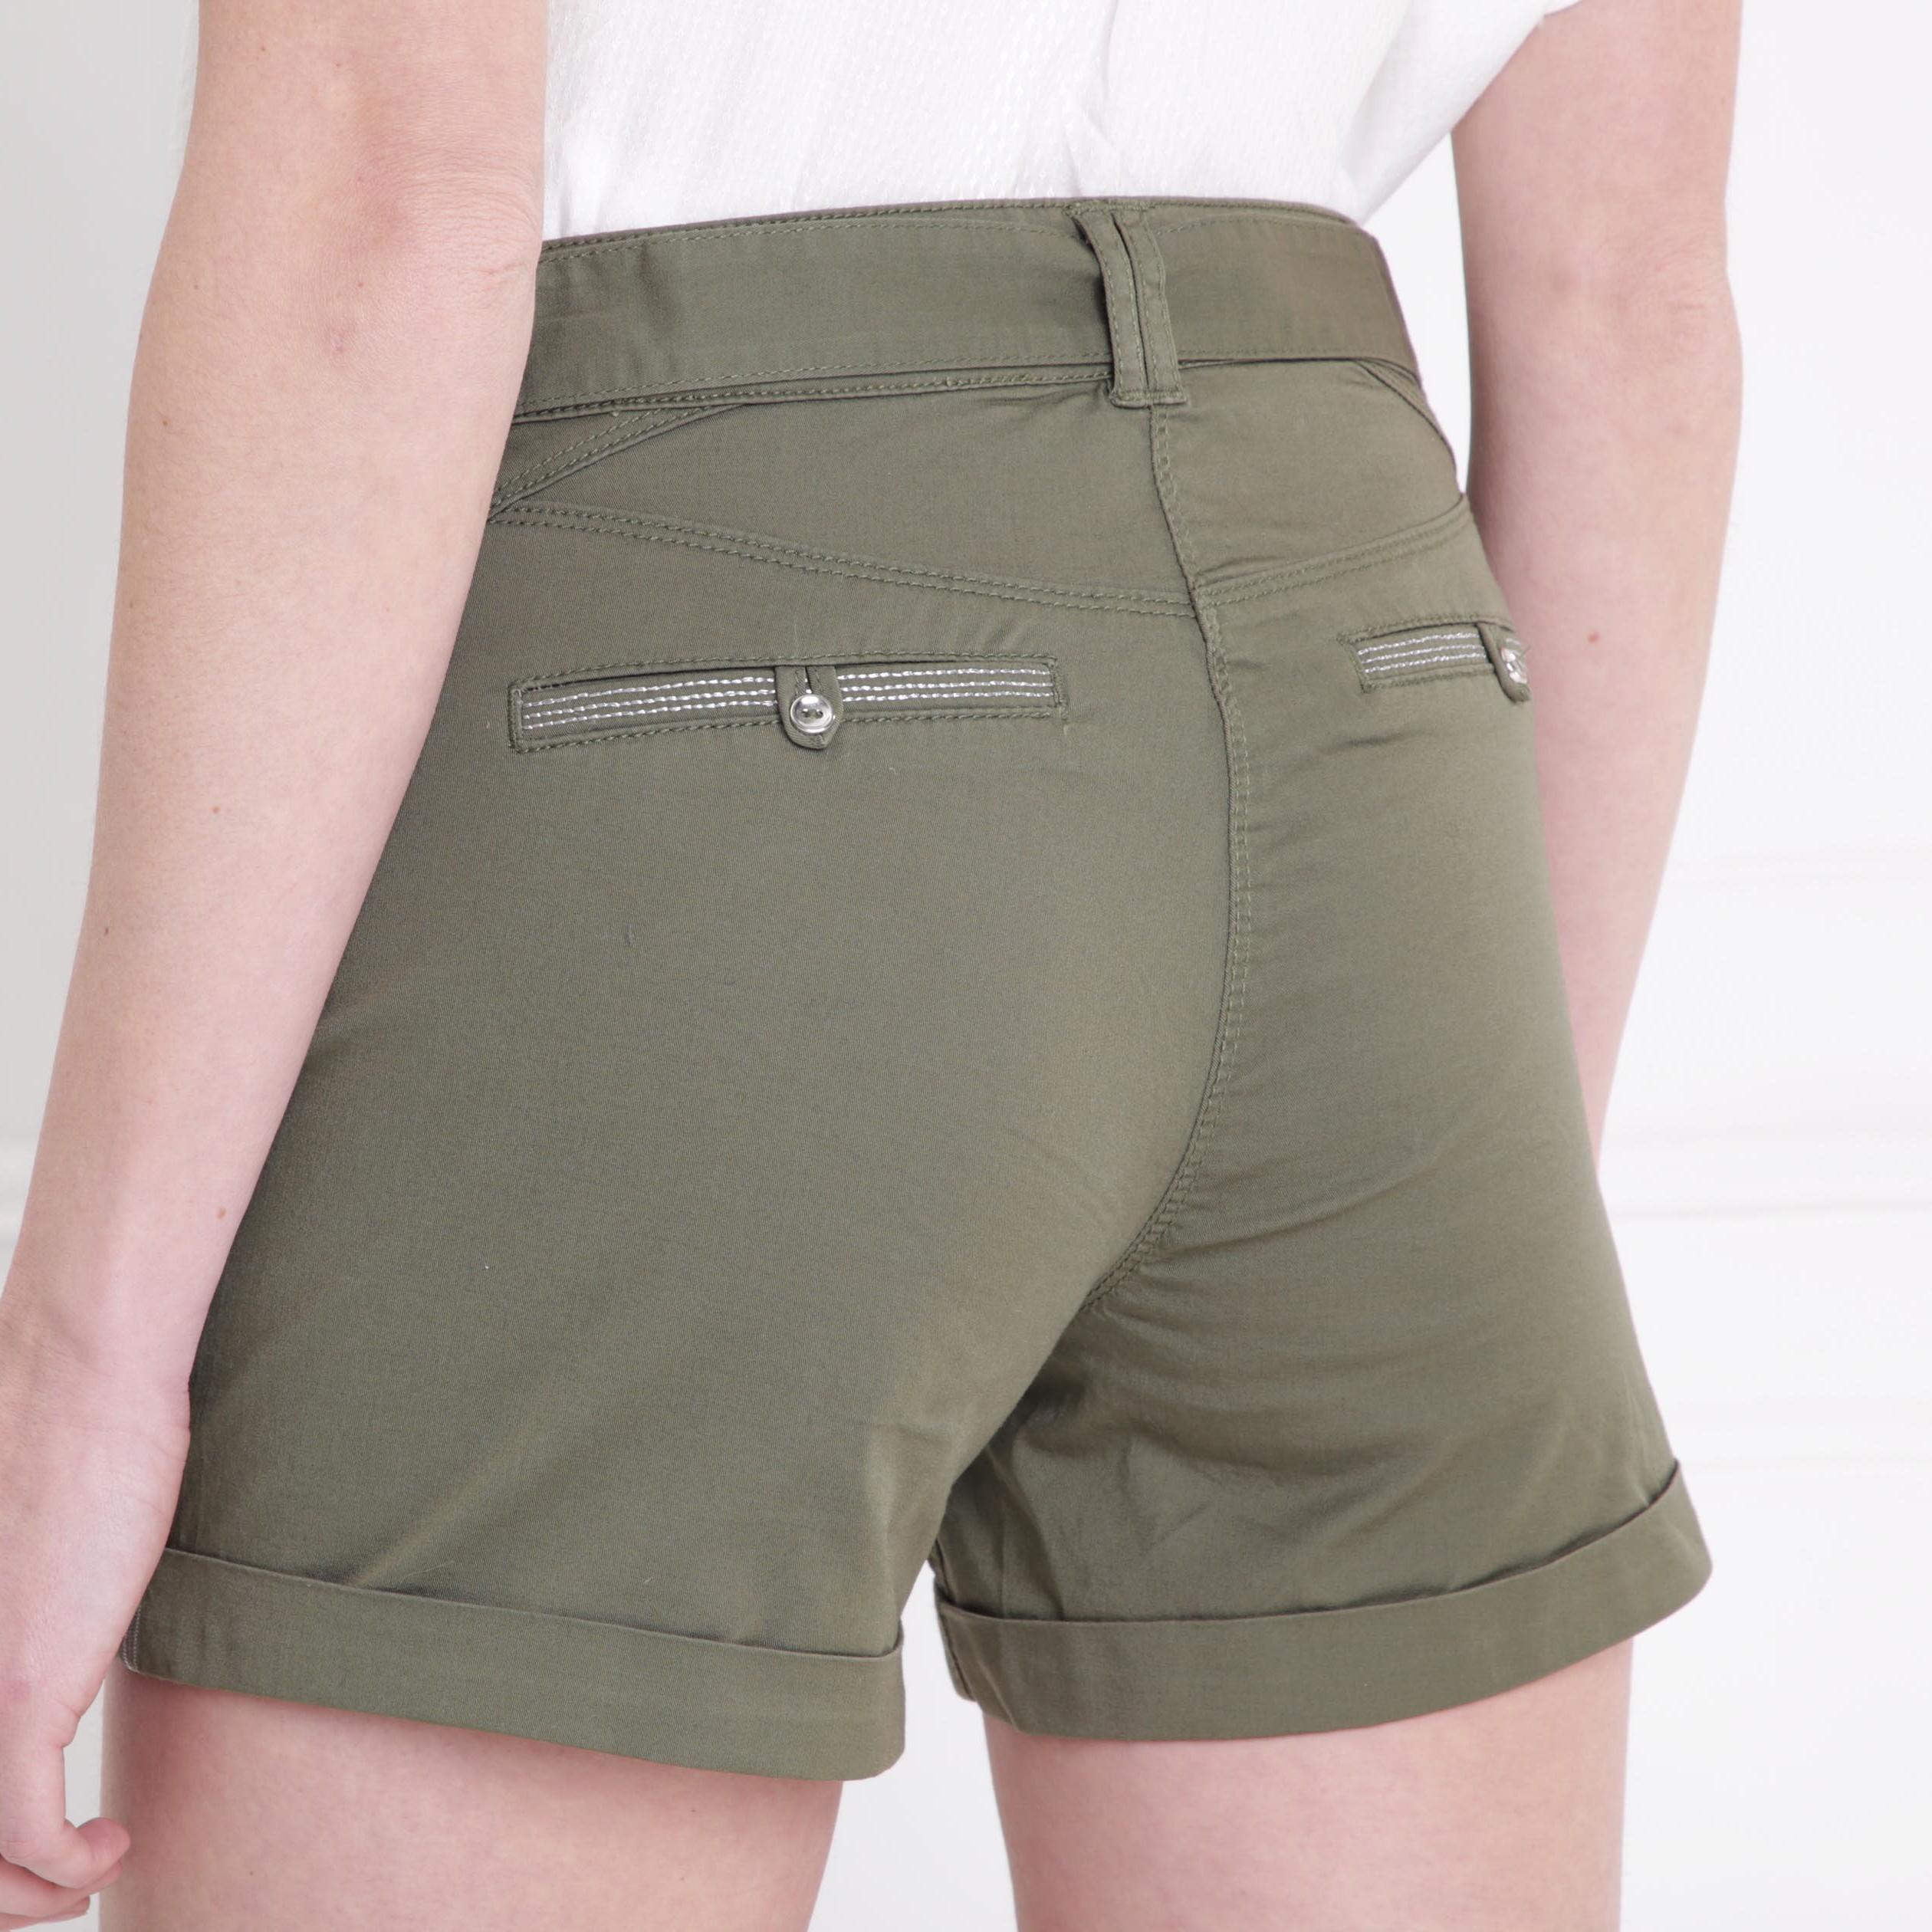 464084600e5 Short droit taille standard vert kaki femme femme